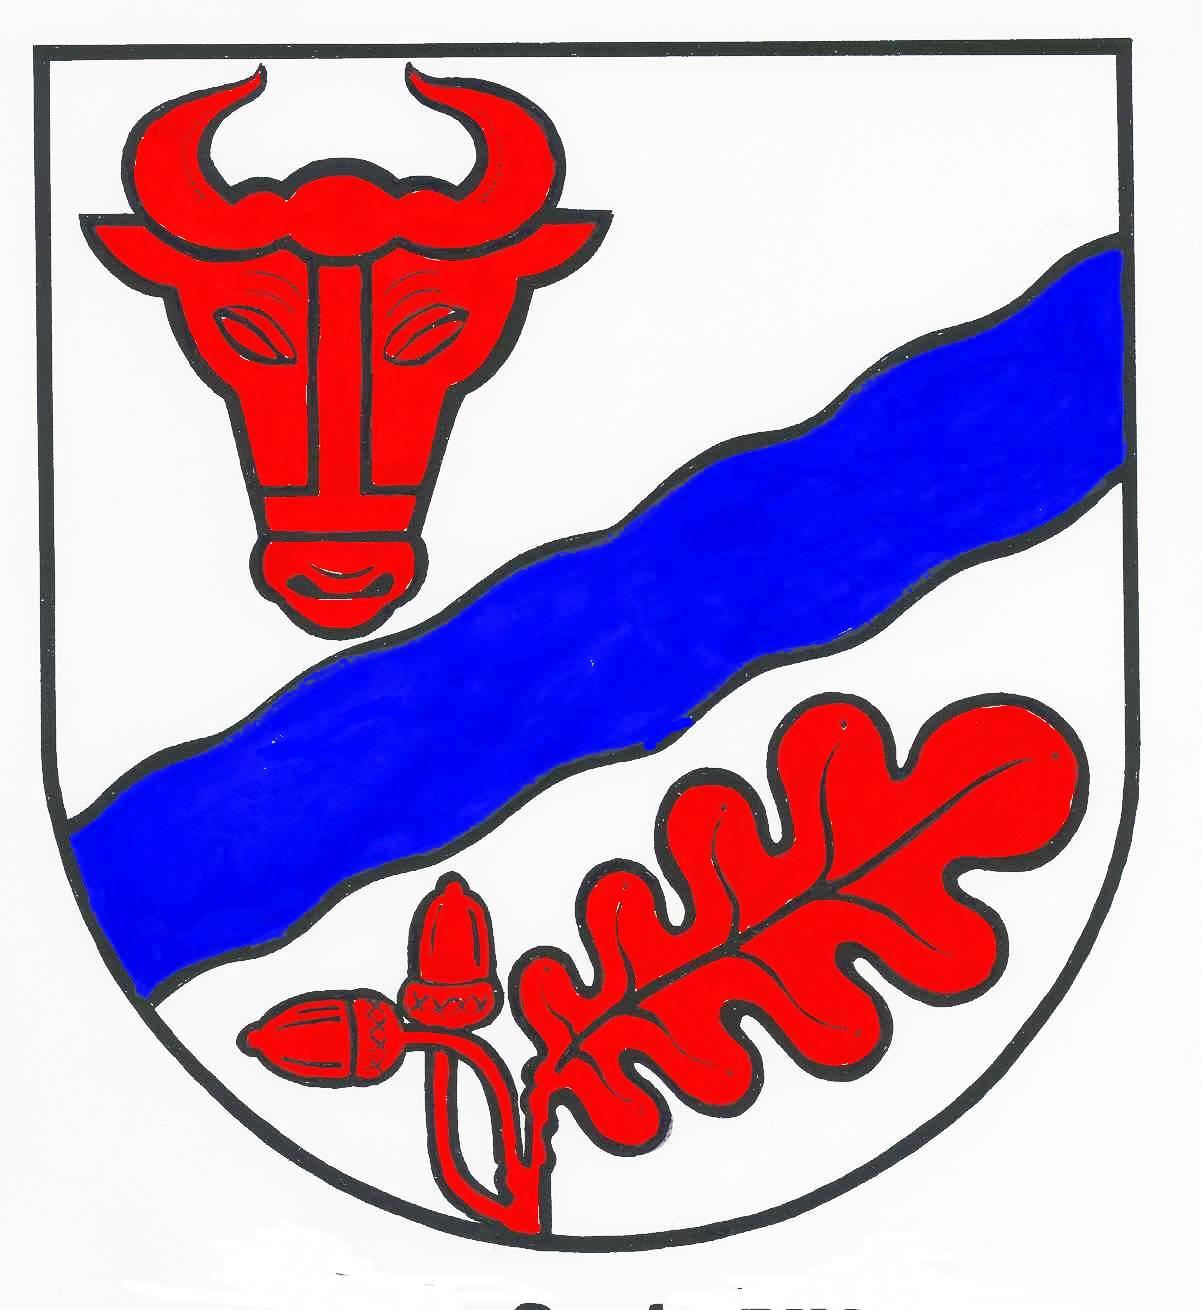 Wappen GemeindeLohbarbek, Kreis Steinburg